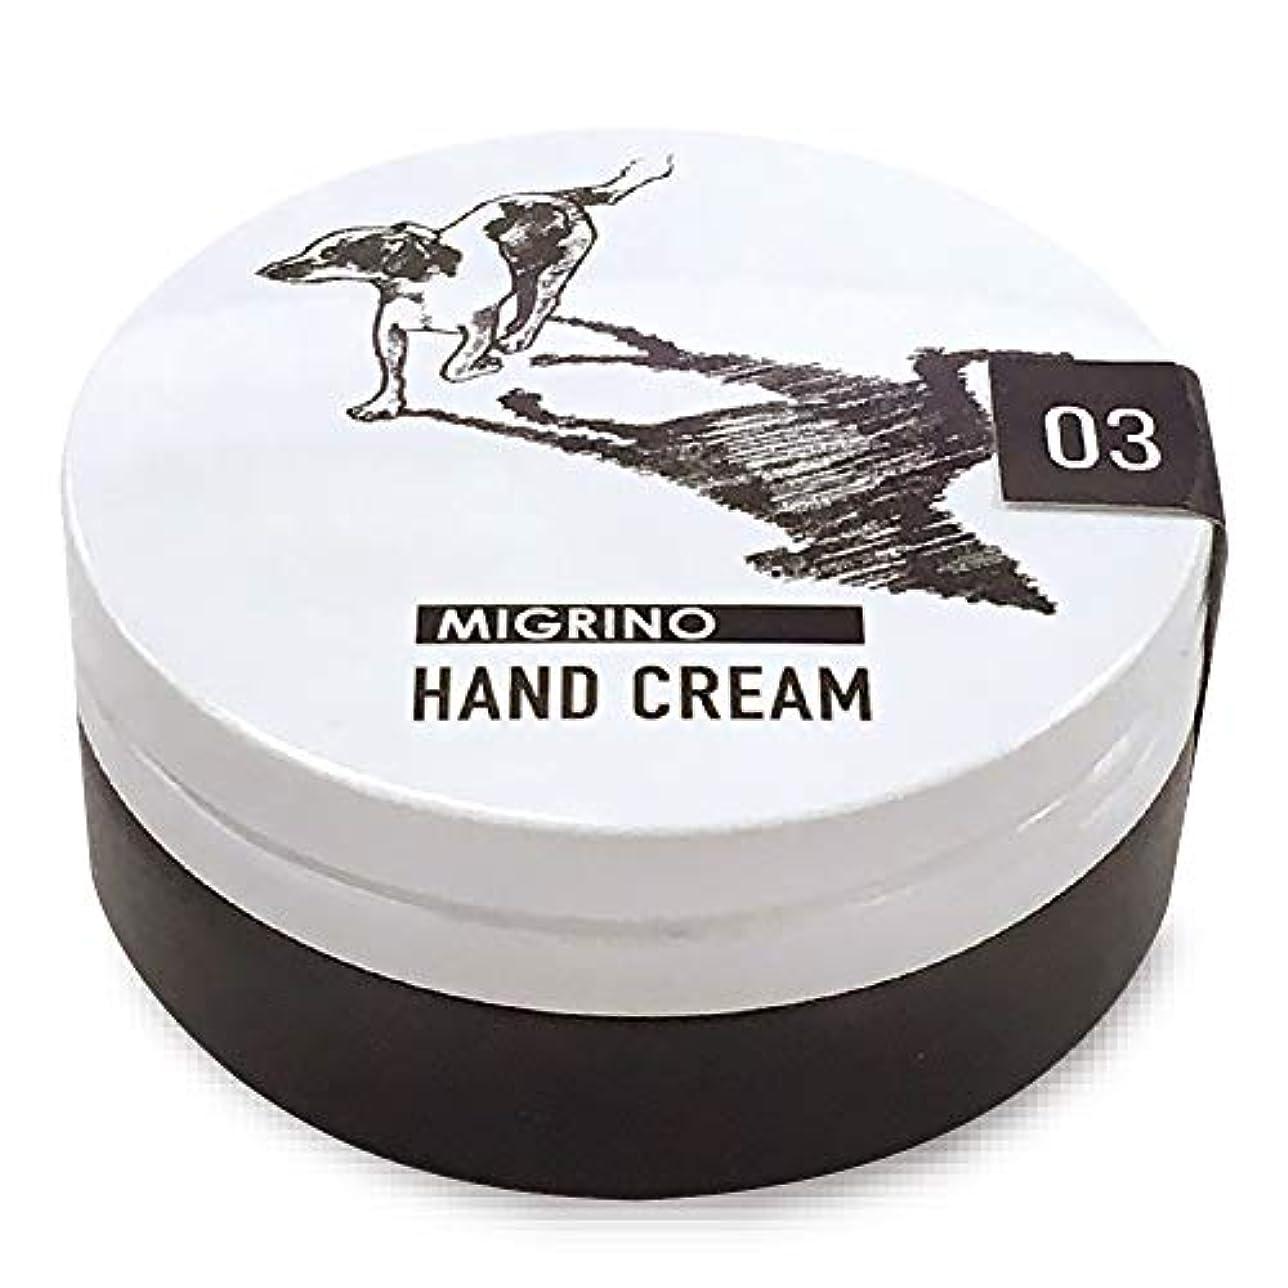 田舎ぬれた床ノルコーポレーション ハンドクリーム パドロール 保湿成分配合 PAD-9-03 ベルガモットの香り 60g